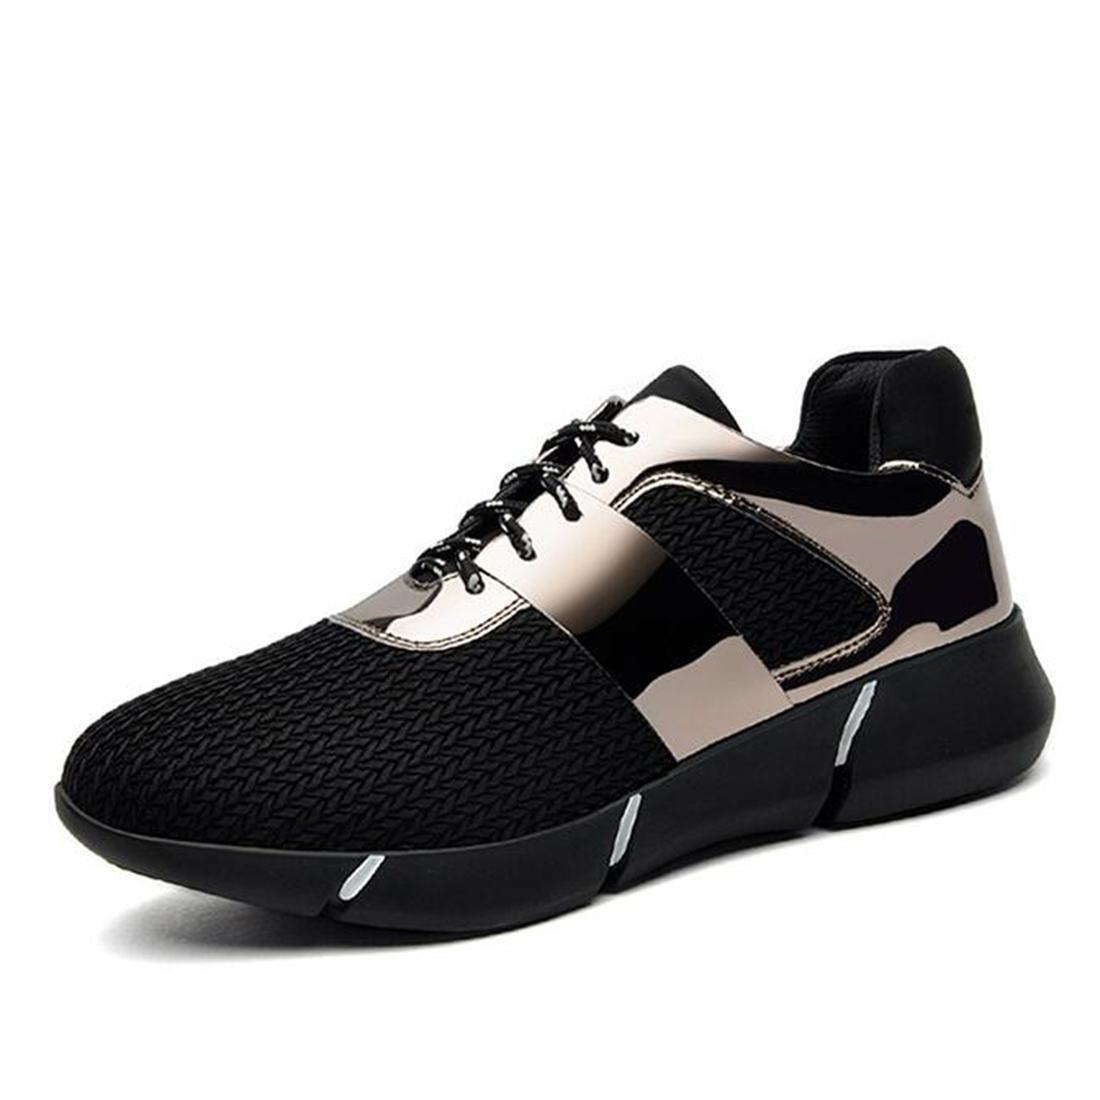 Zapatos deportivos zapatos de marea de mujeres salvajes ZHONGST